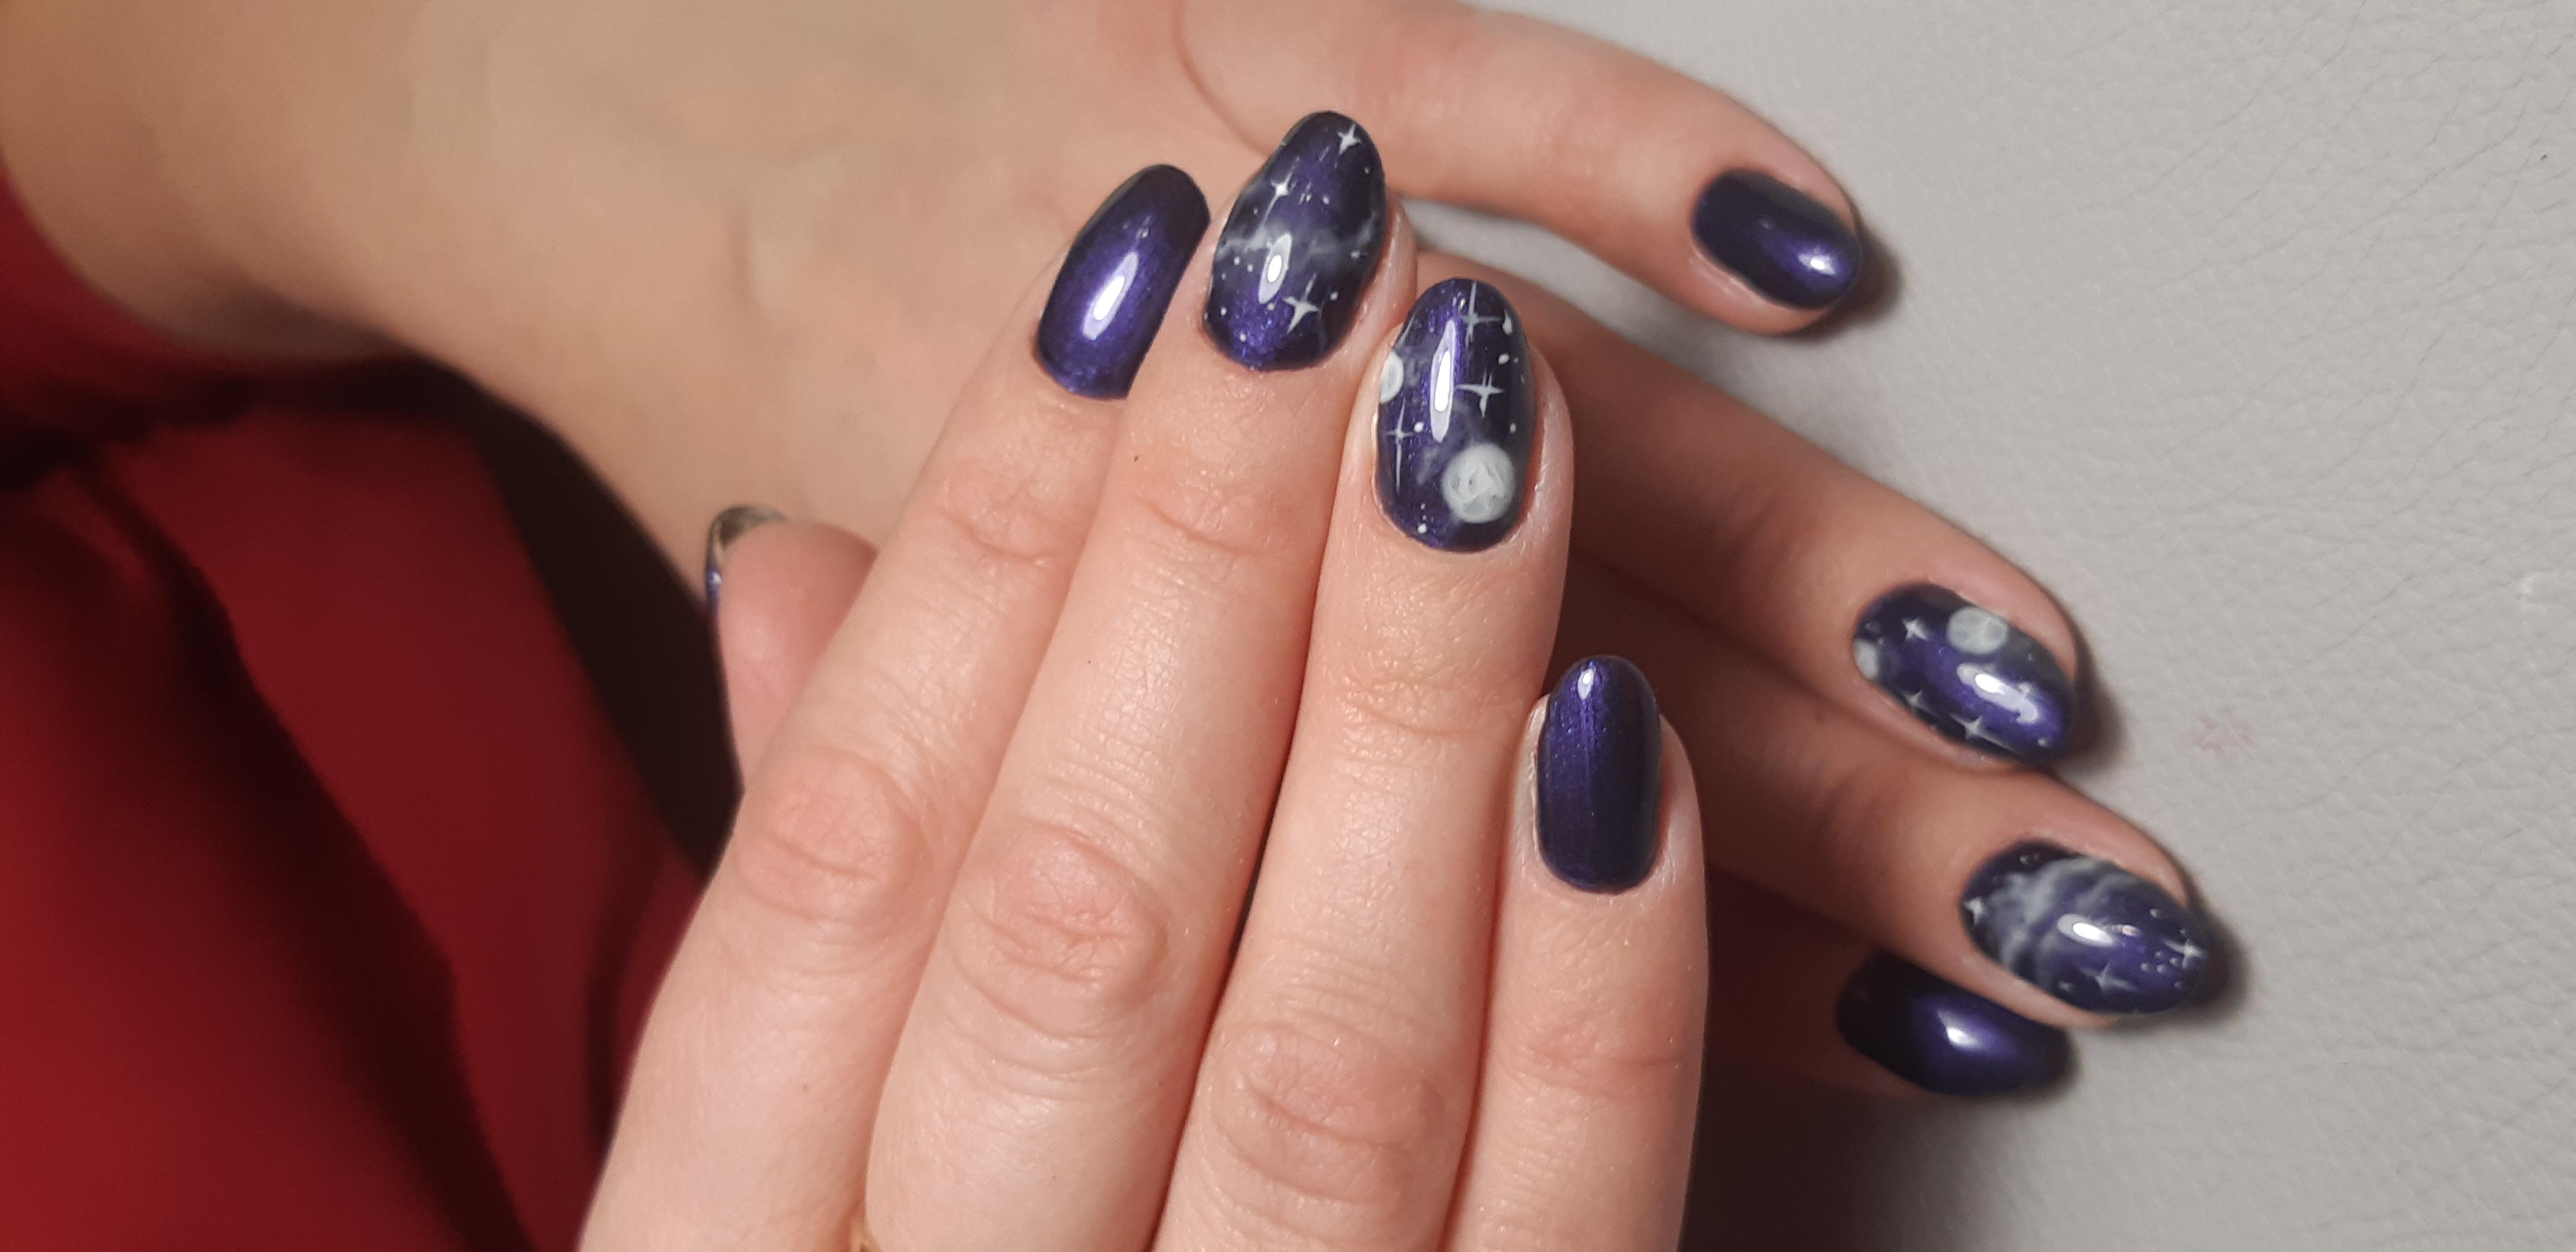 Маникюр в тёмно-синем цвете с эффектом кошачий глаз и космическими рисунками.